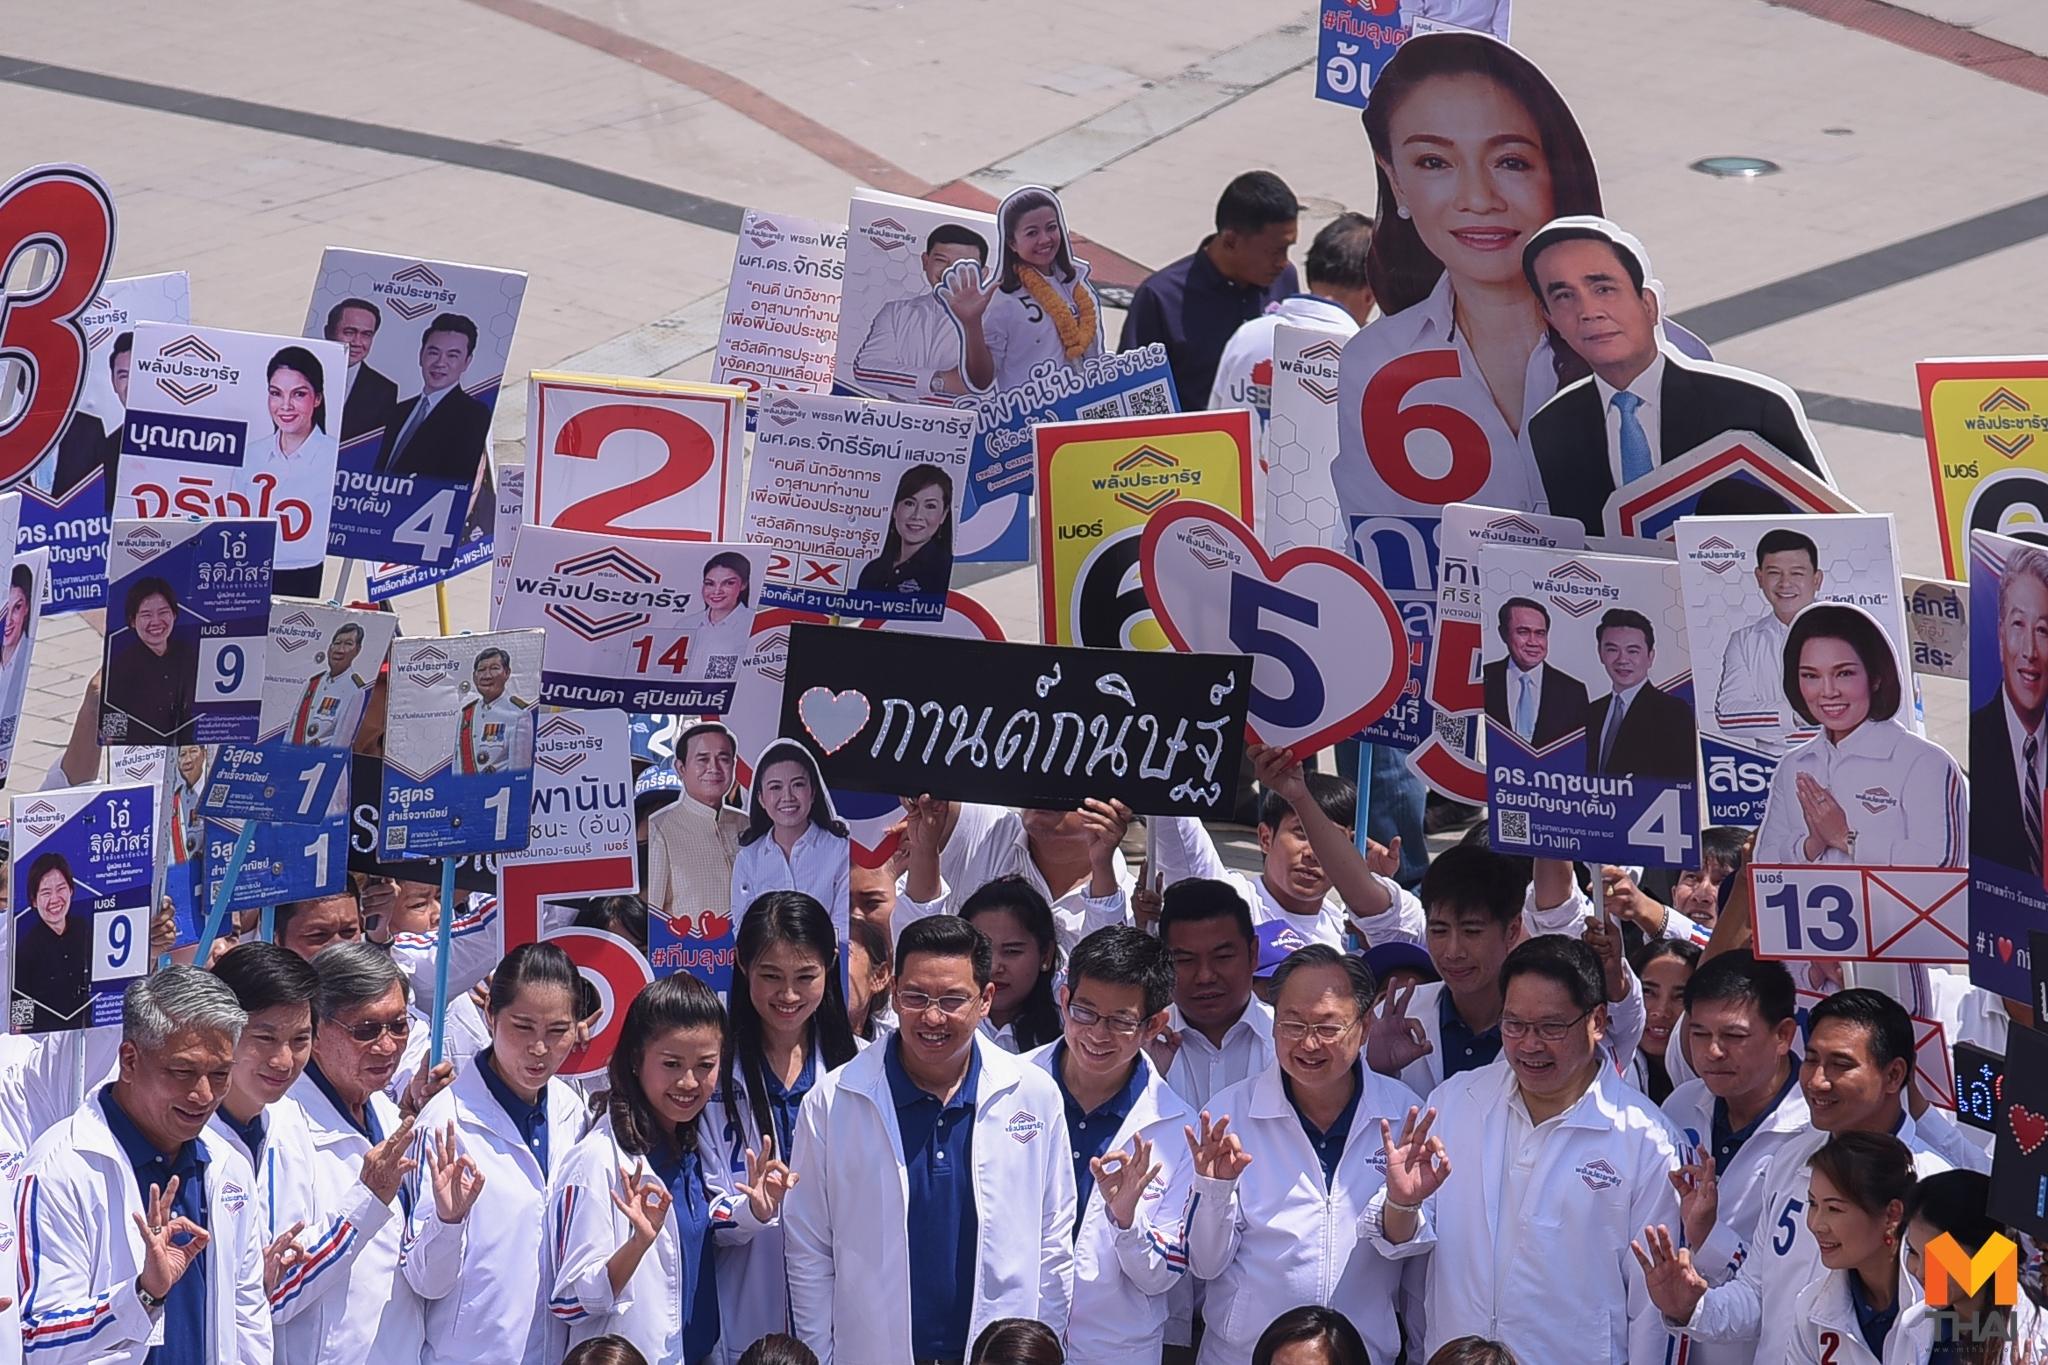 Bangkok OK ผู้สมัคร ส.ส. พรรคพลังประชารัฐ เลือกตั้ง62